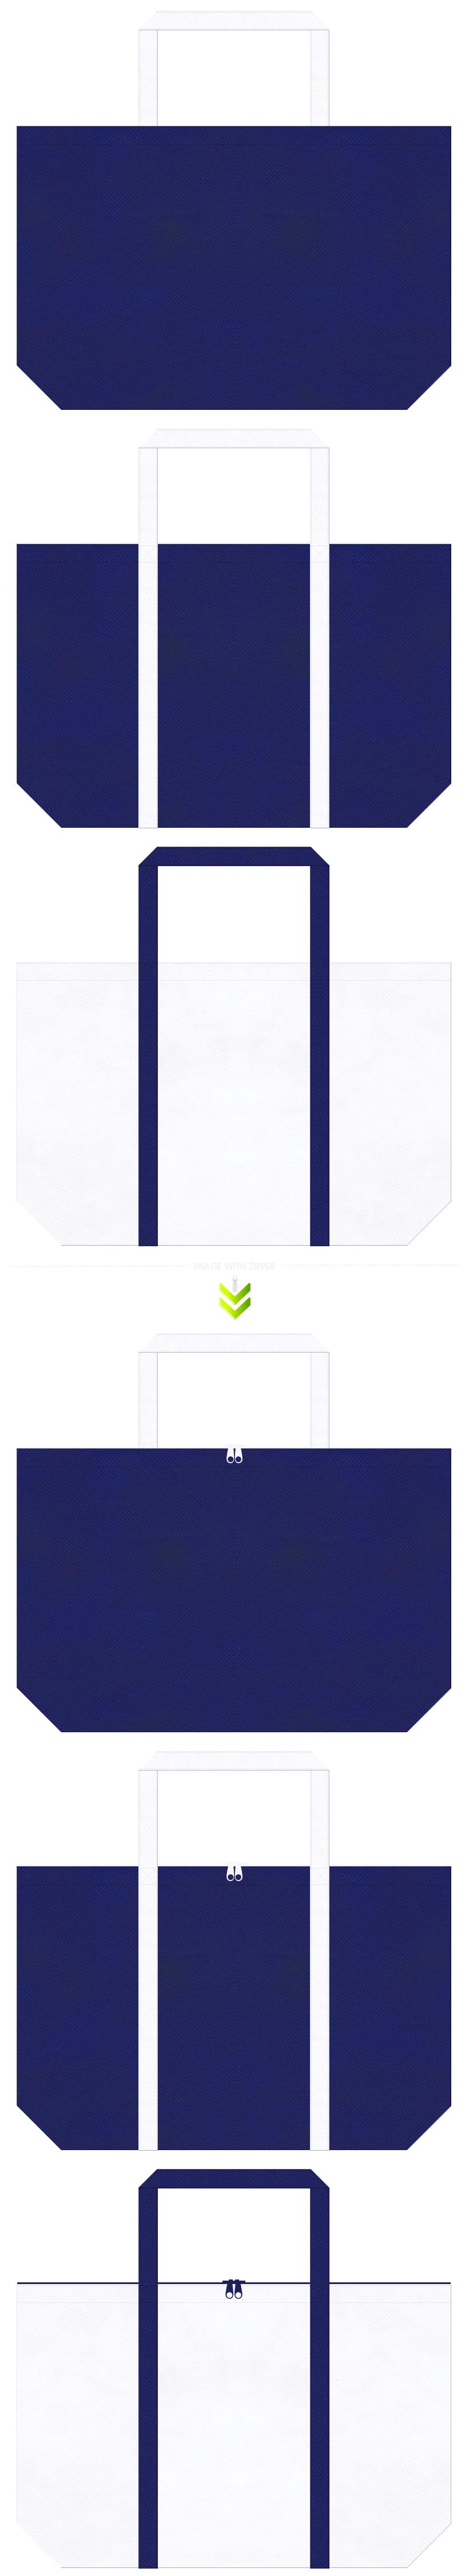 明るい紺色と白色の不織布エコバッグのデザイン。ホワイトクリスマス・太陽光発電・天体観測・星空イベント・プラネタリウムのイメージにお奨めの配色です。